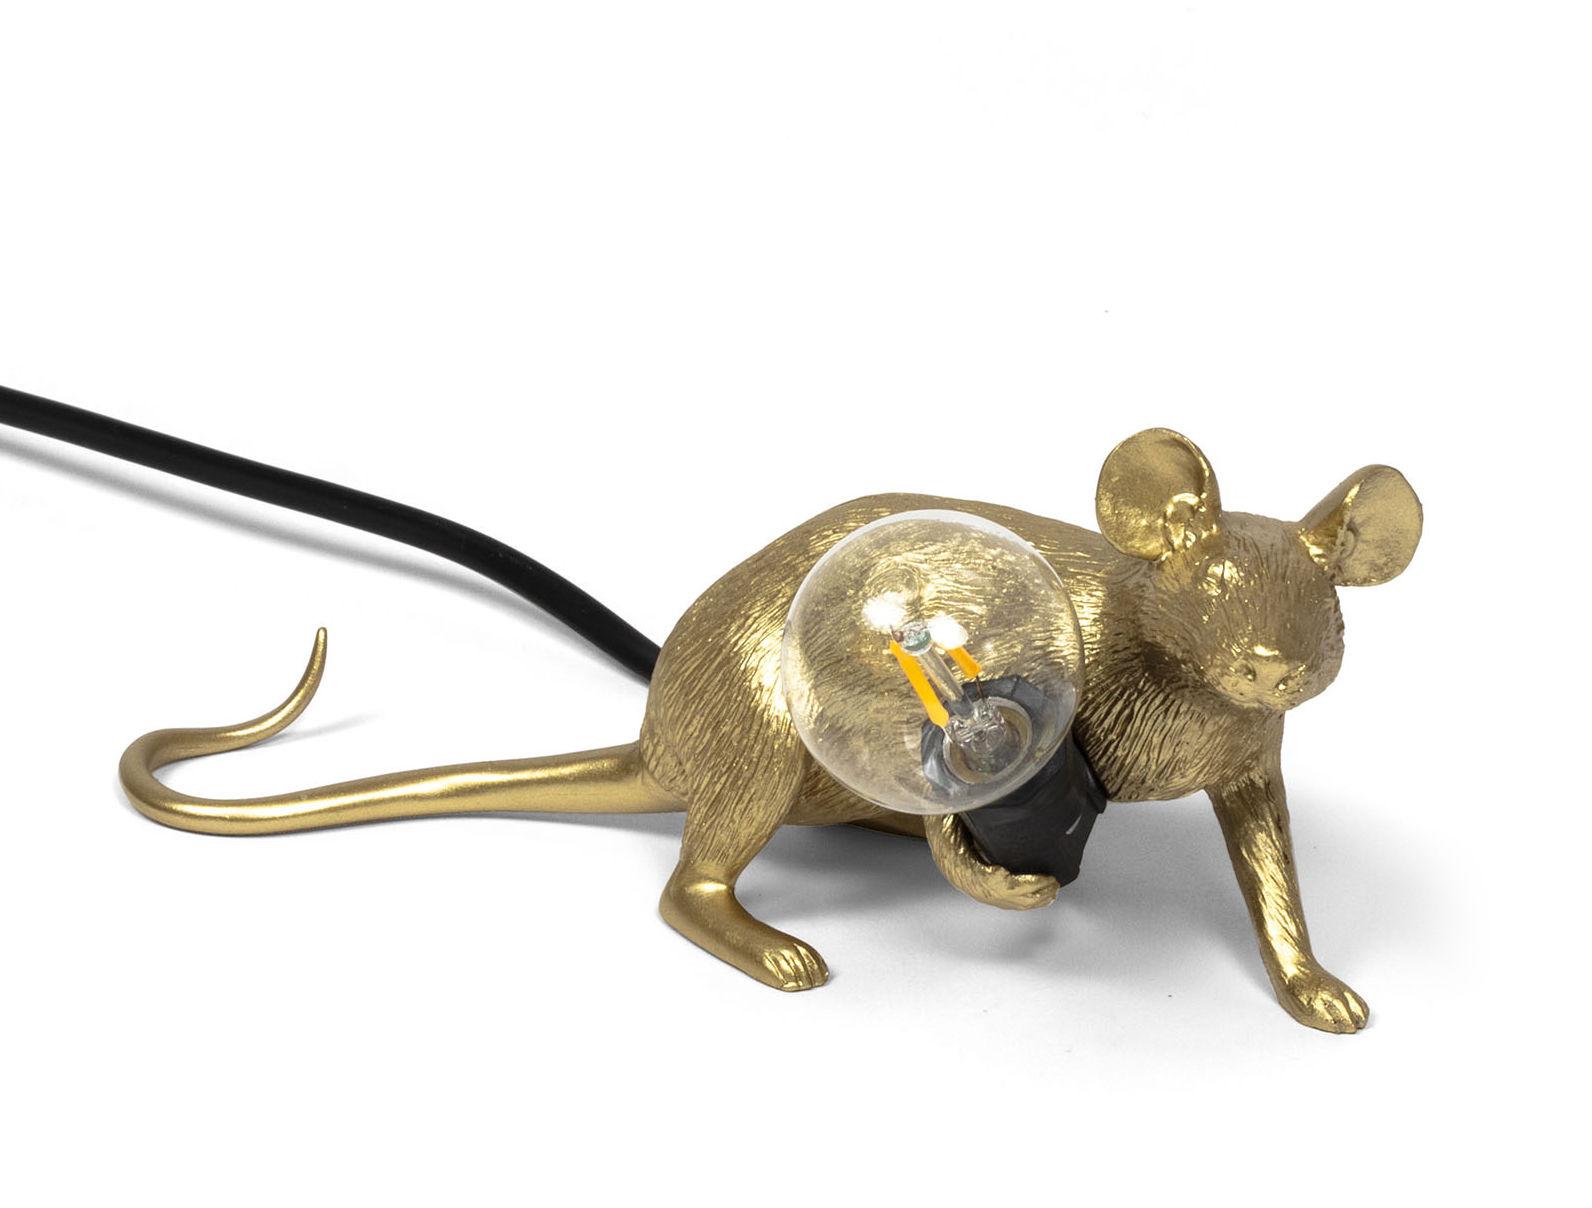 Déco - Pour les enfants - Lampe de table Mouse Lie Down #3 / Souris allongée - Seletti - Doré - Résine